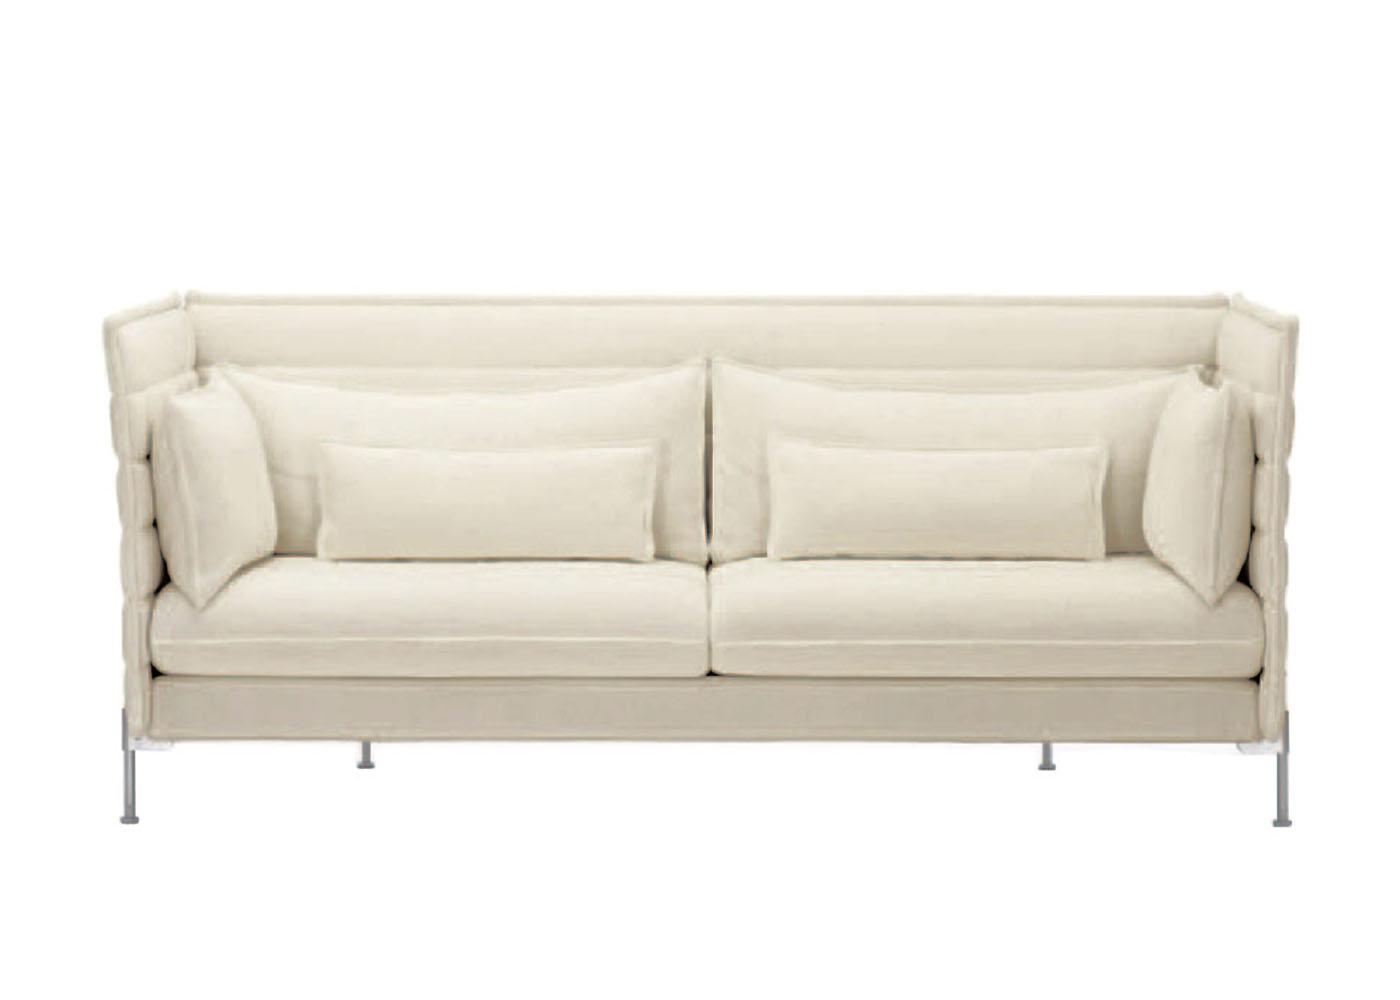 爱纳斯休闲沙发A23,上海休闲沙发,【尺寸 价格 图片 品牌】